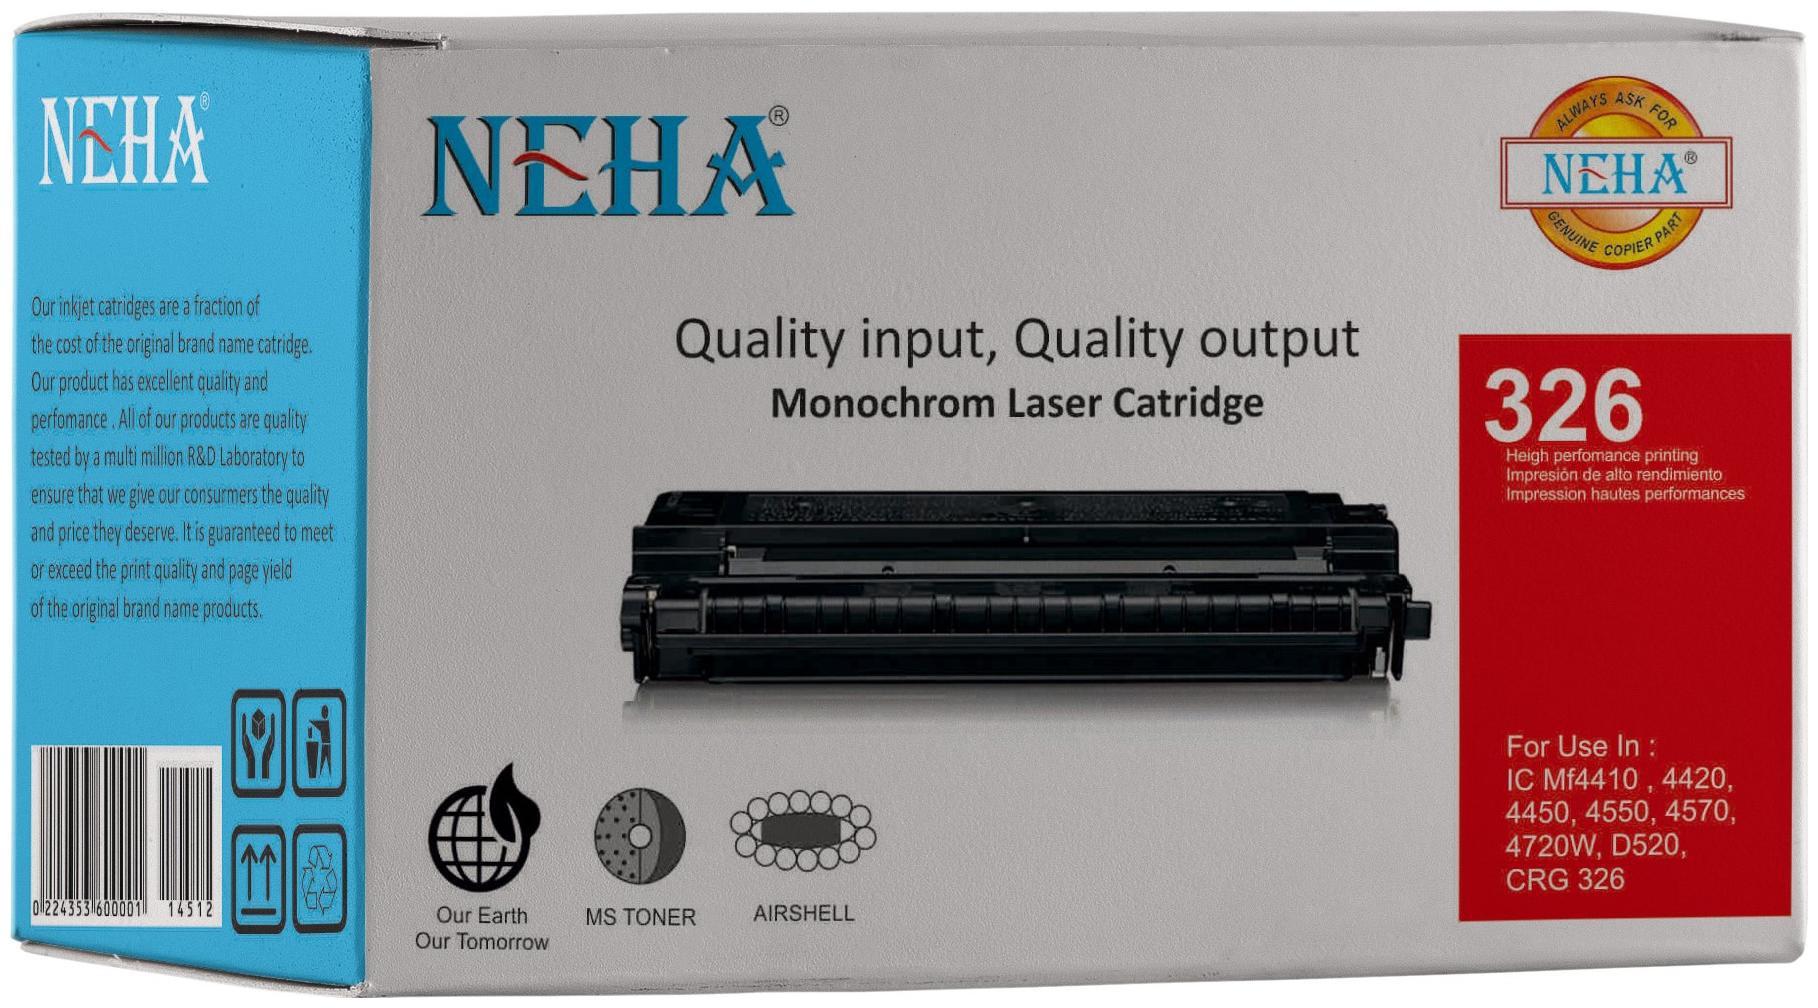 Neha 326 Compatible Laser Toner Cartridge for Canon LBP 6200d